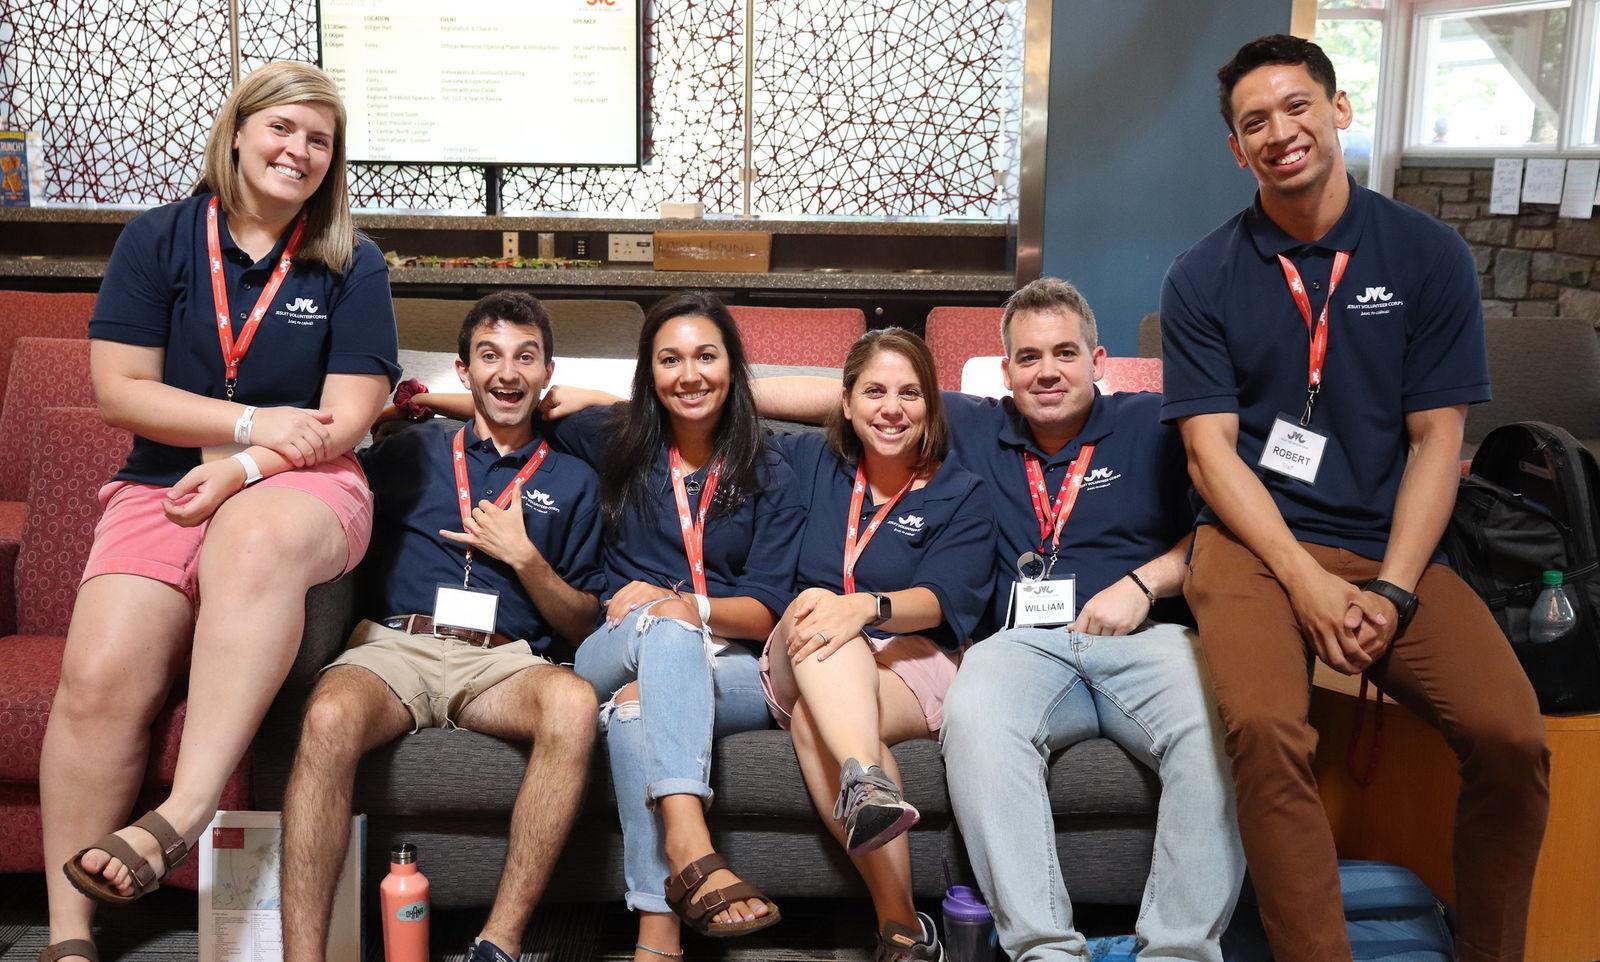 JVC staff at Orientation Retreat